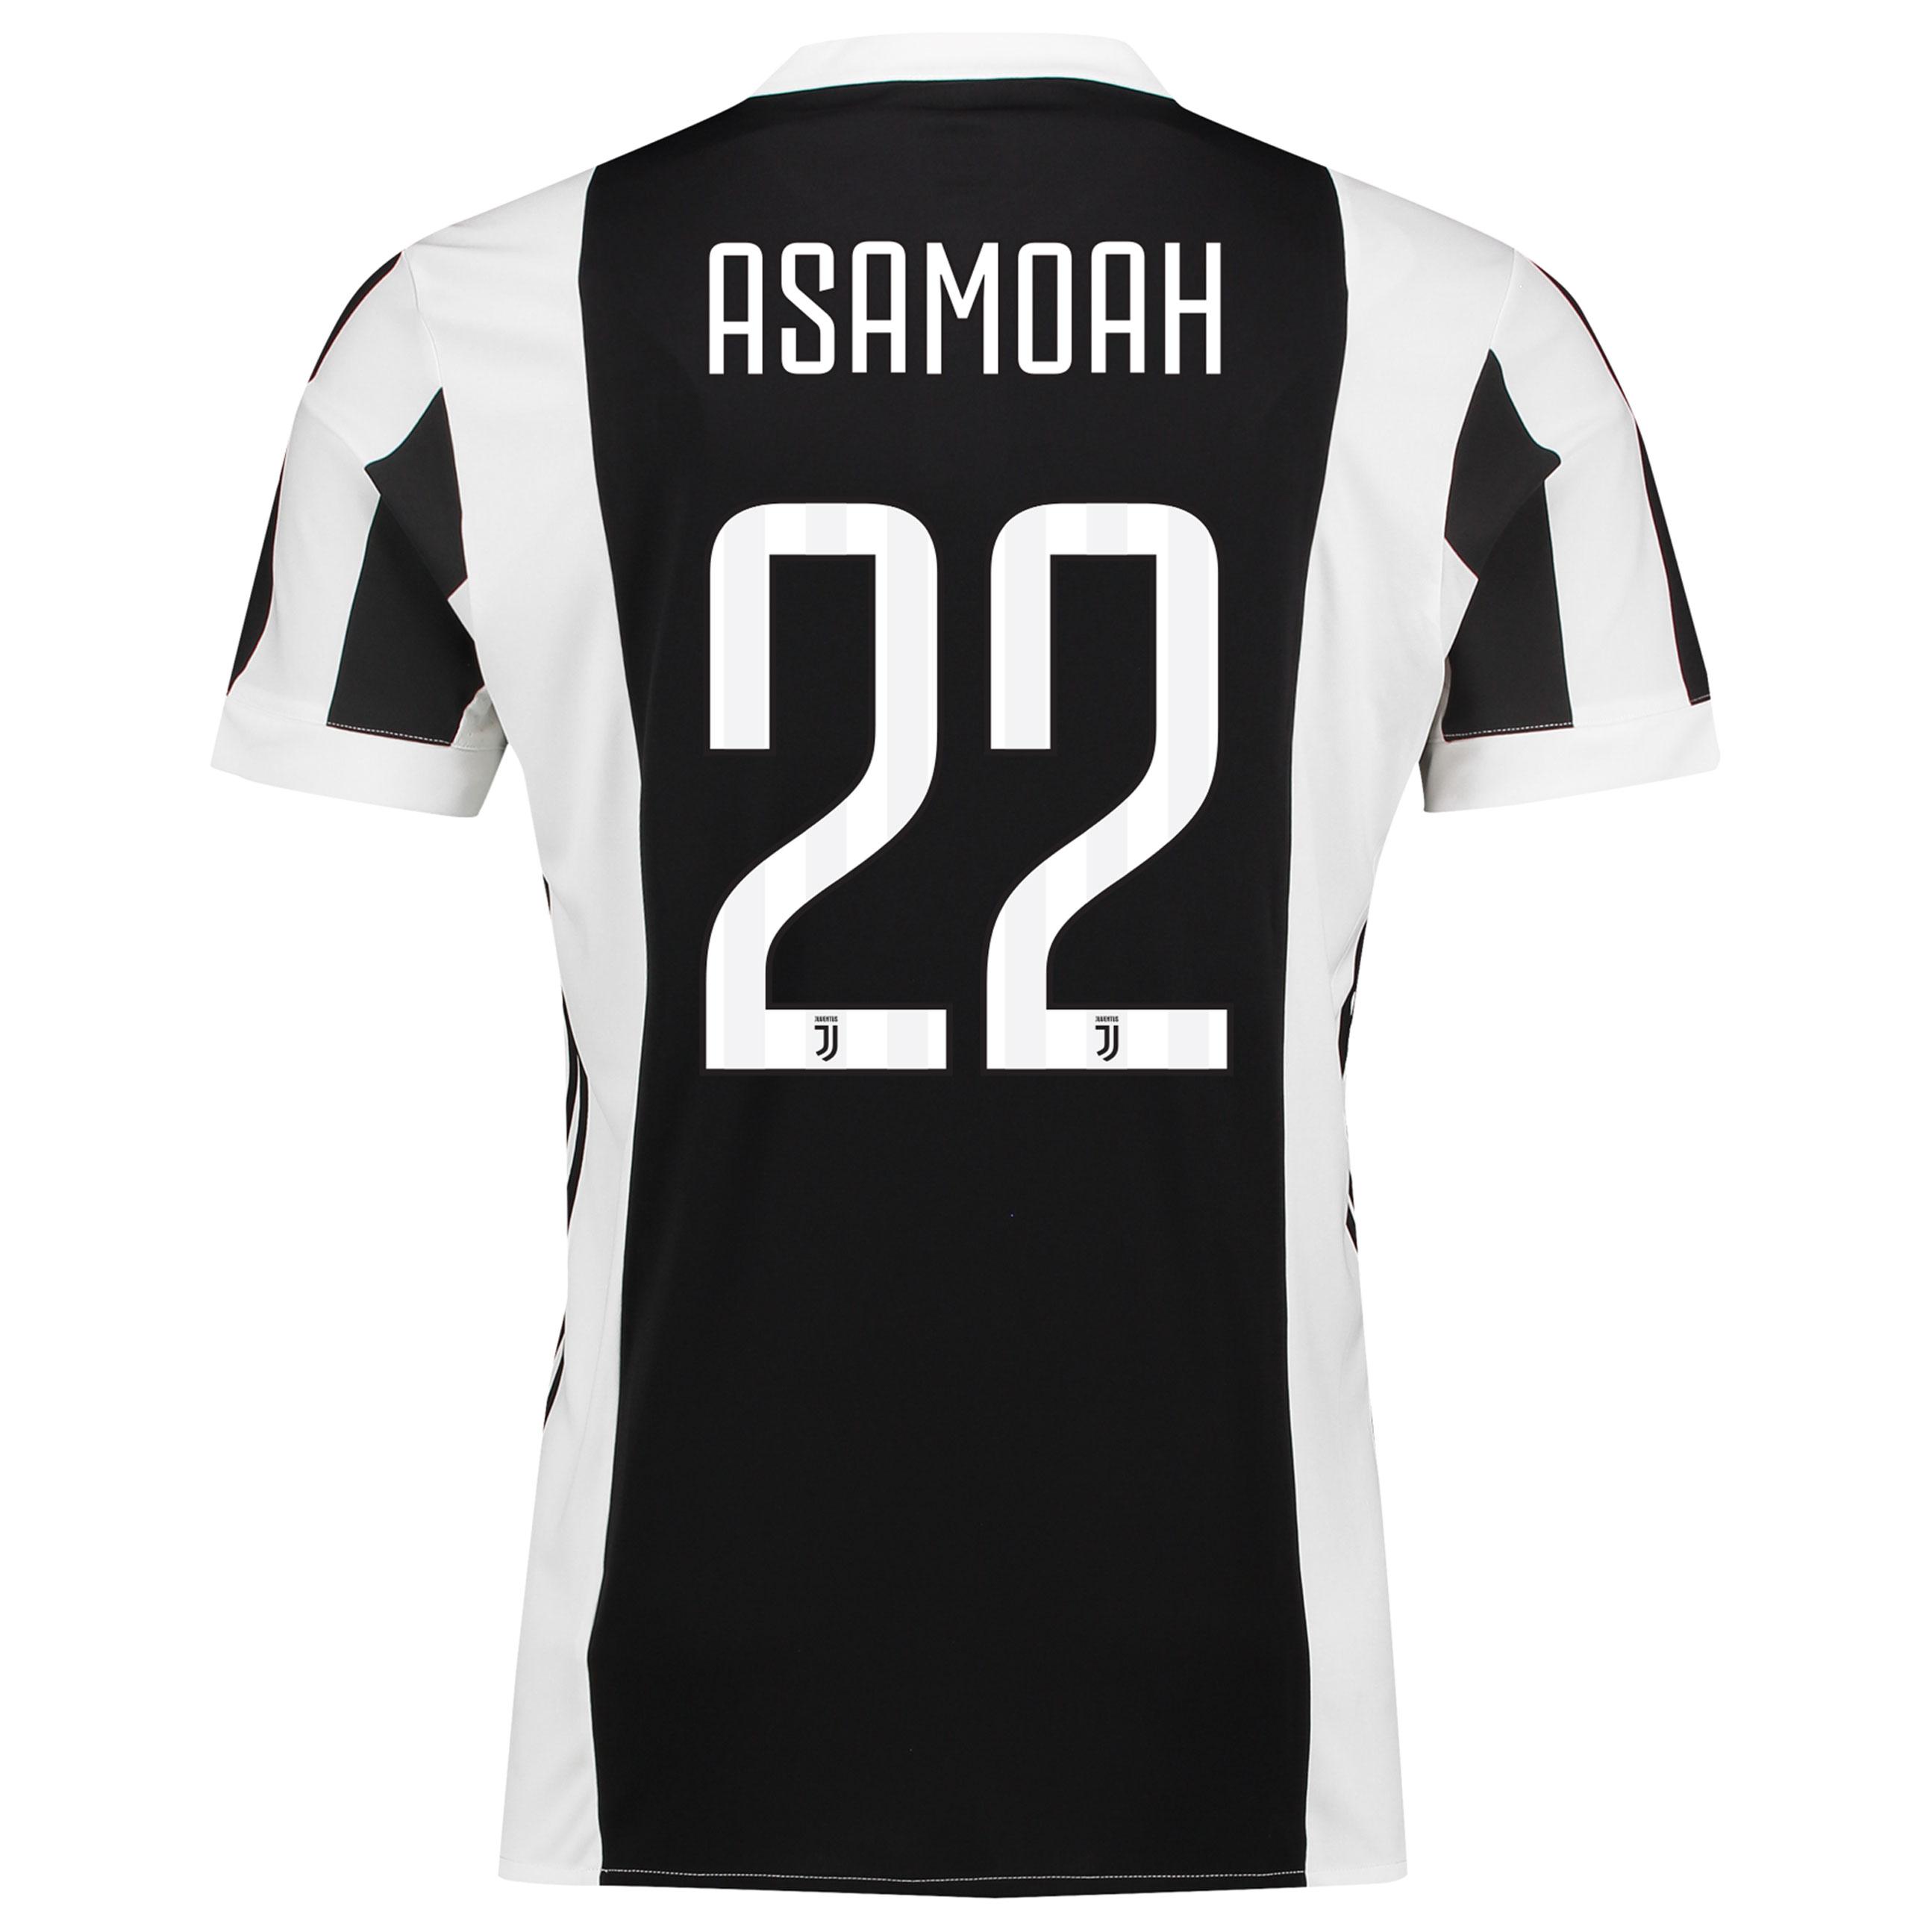 Juventus Home Mini Kit 2017-18 with Asamoah 22 printing